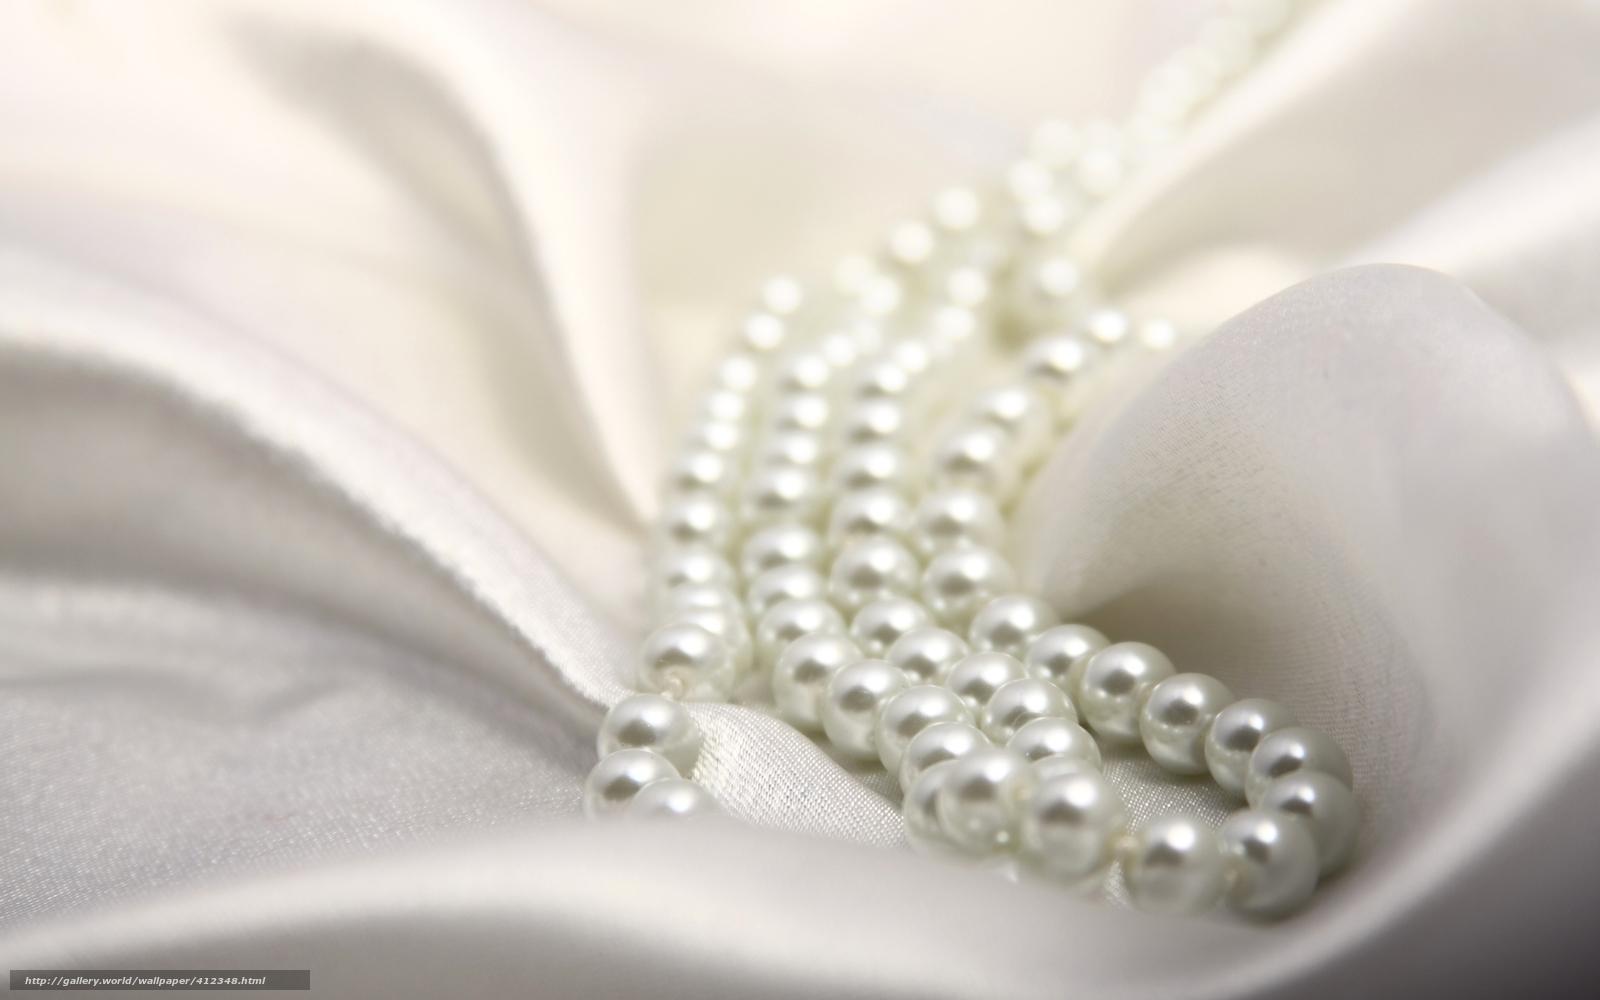 Descargar Gratis Seda Perla Tejido Color Blanco Fondos De